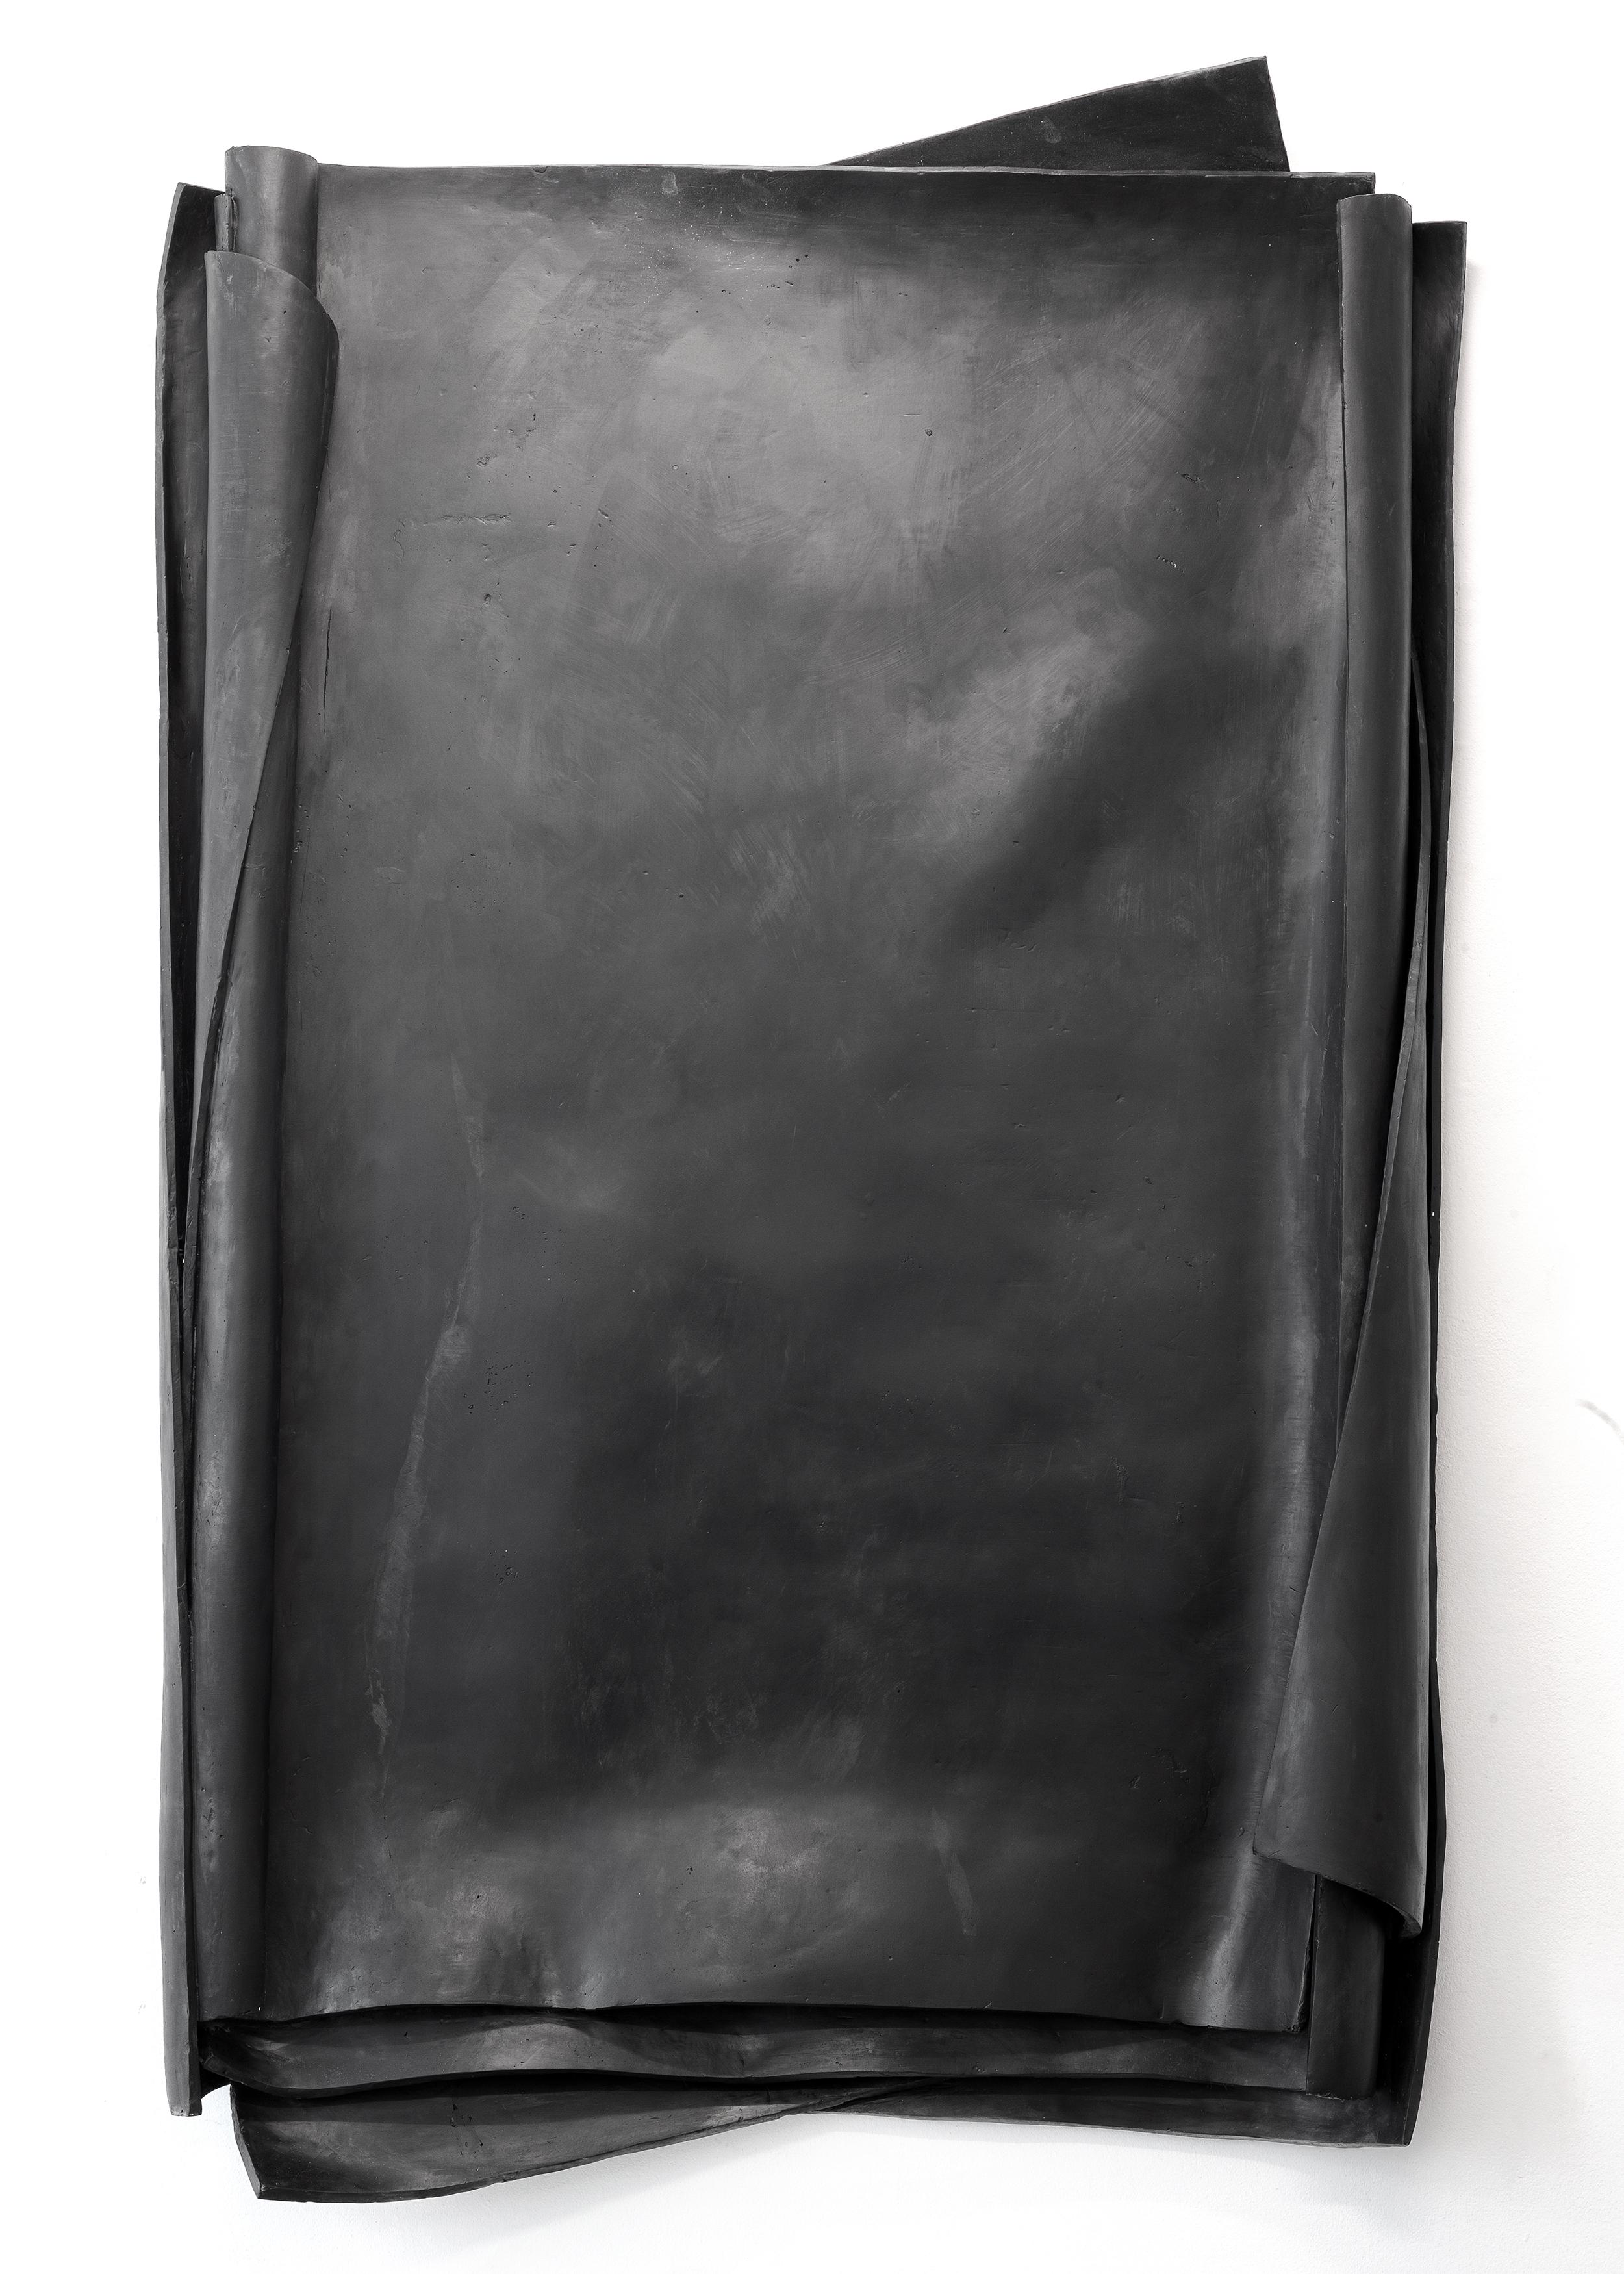 Besser Vertikal 02, 2021 - Black Skulptur - The Artwork by Erik Andersen is made of black Epoxy Resin.